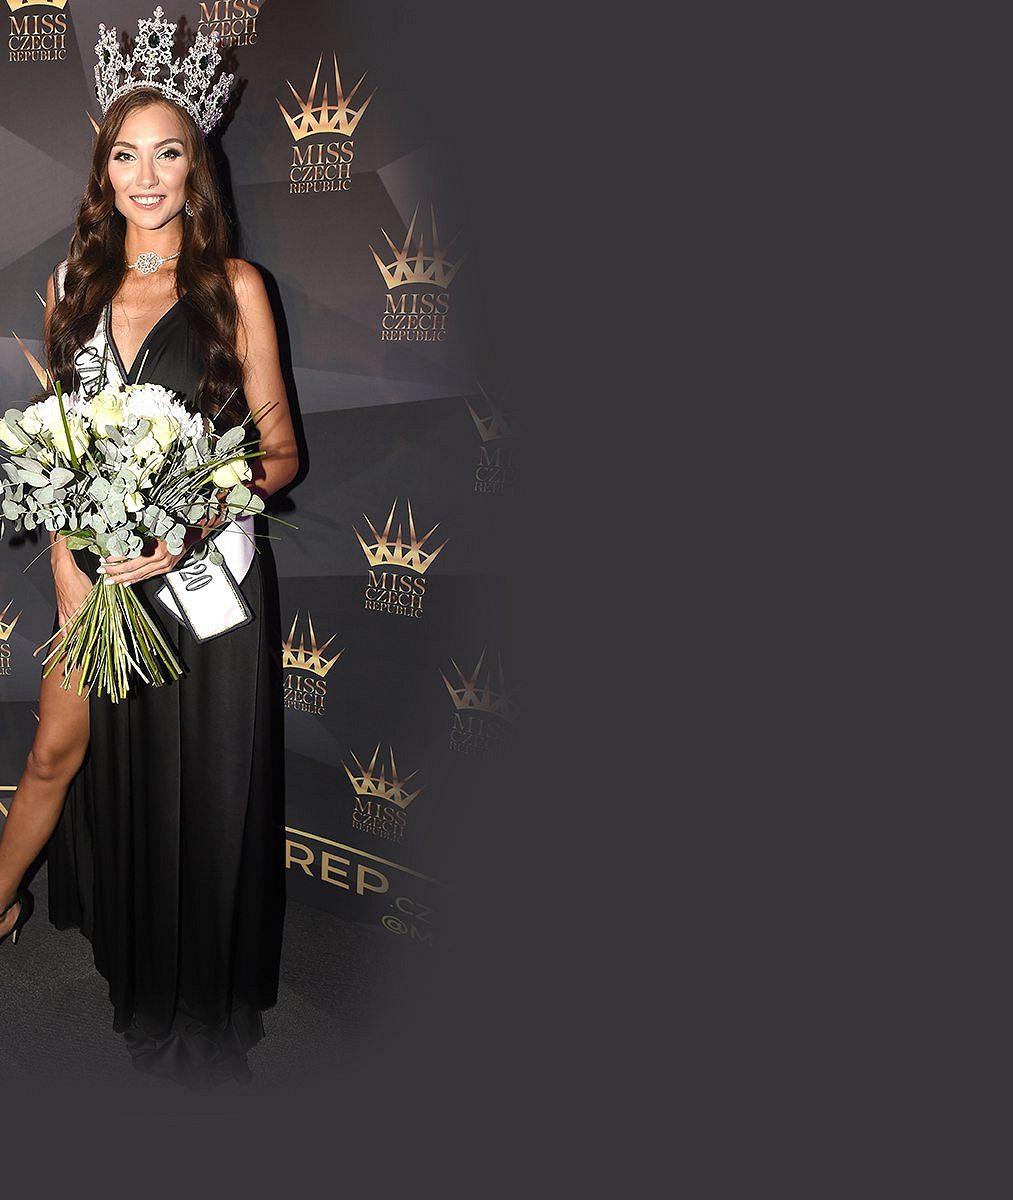 Koronavirová královna krásy. Miss Kopíncová zvítězila ve velmi zvláštní době